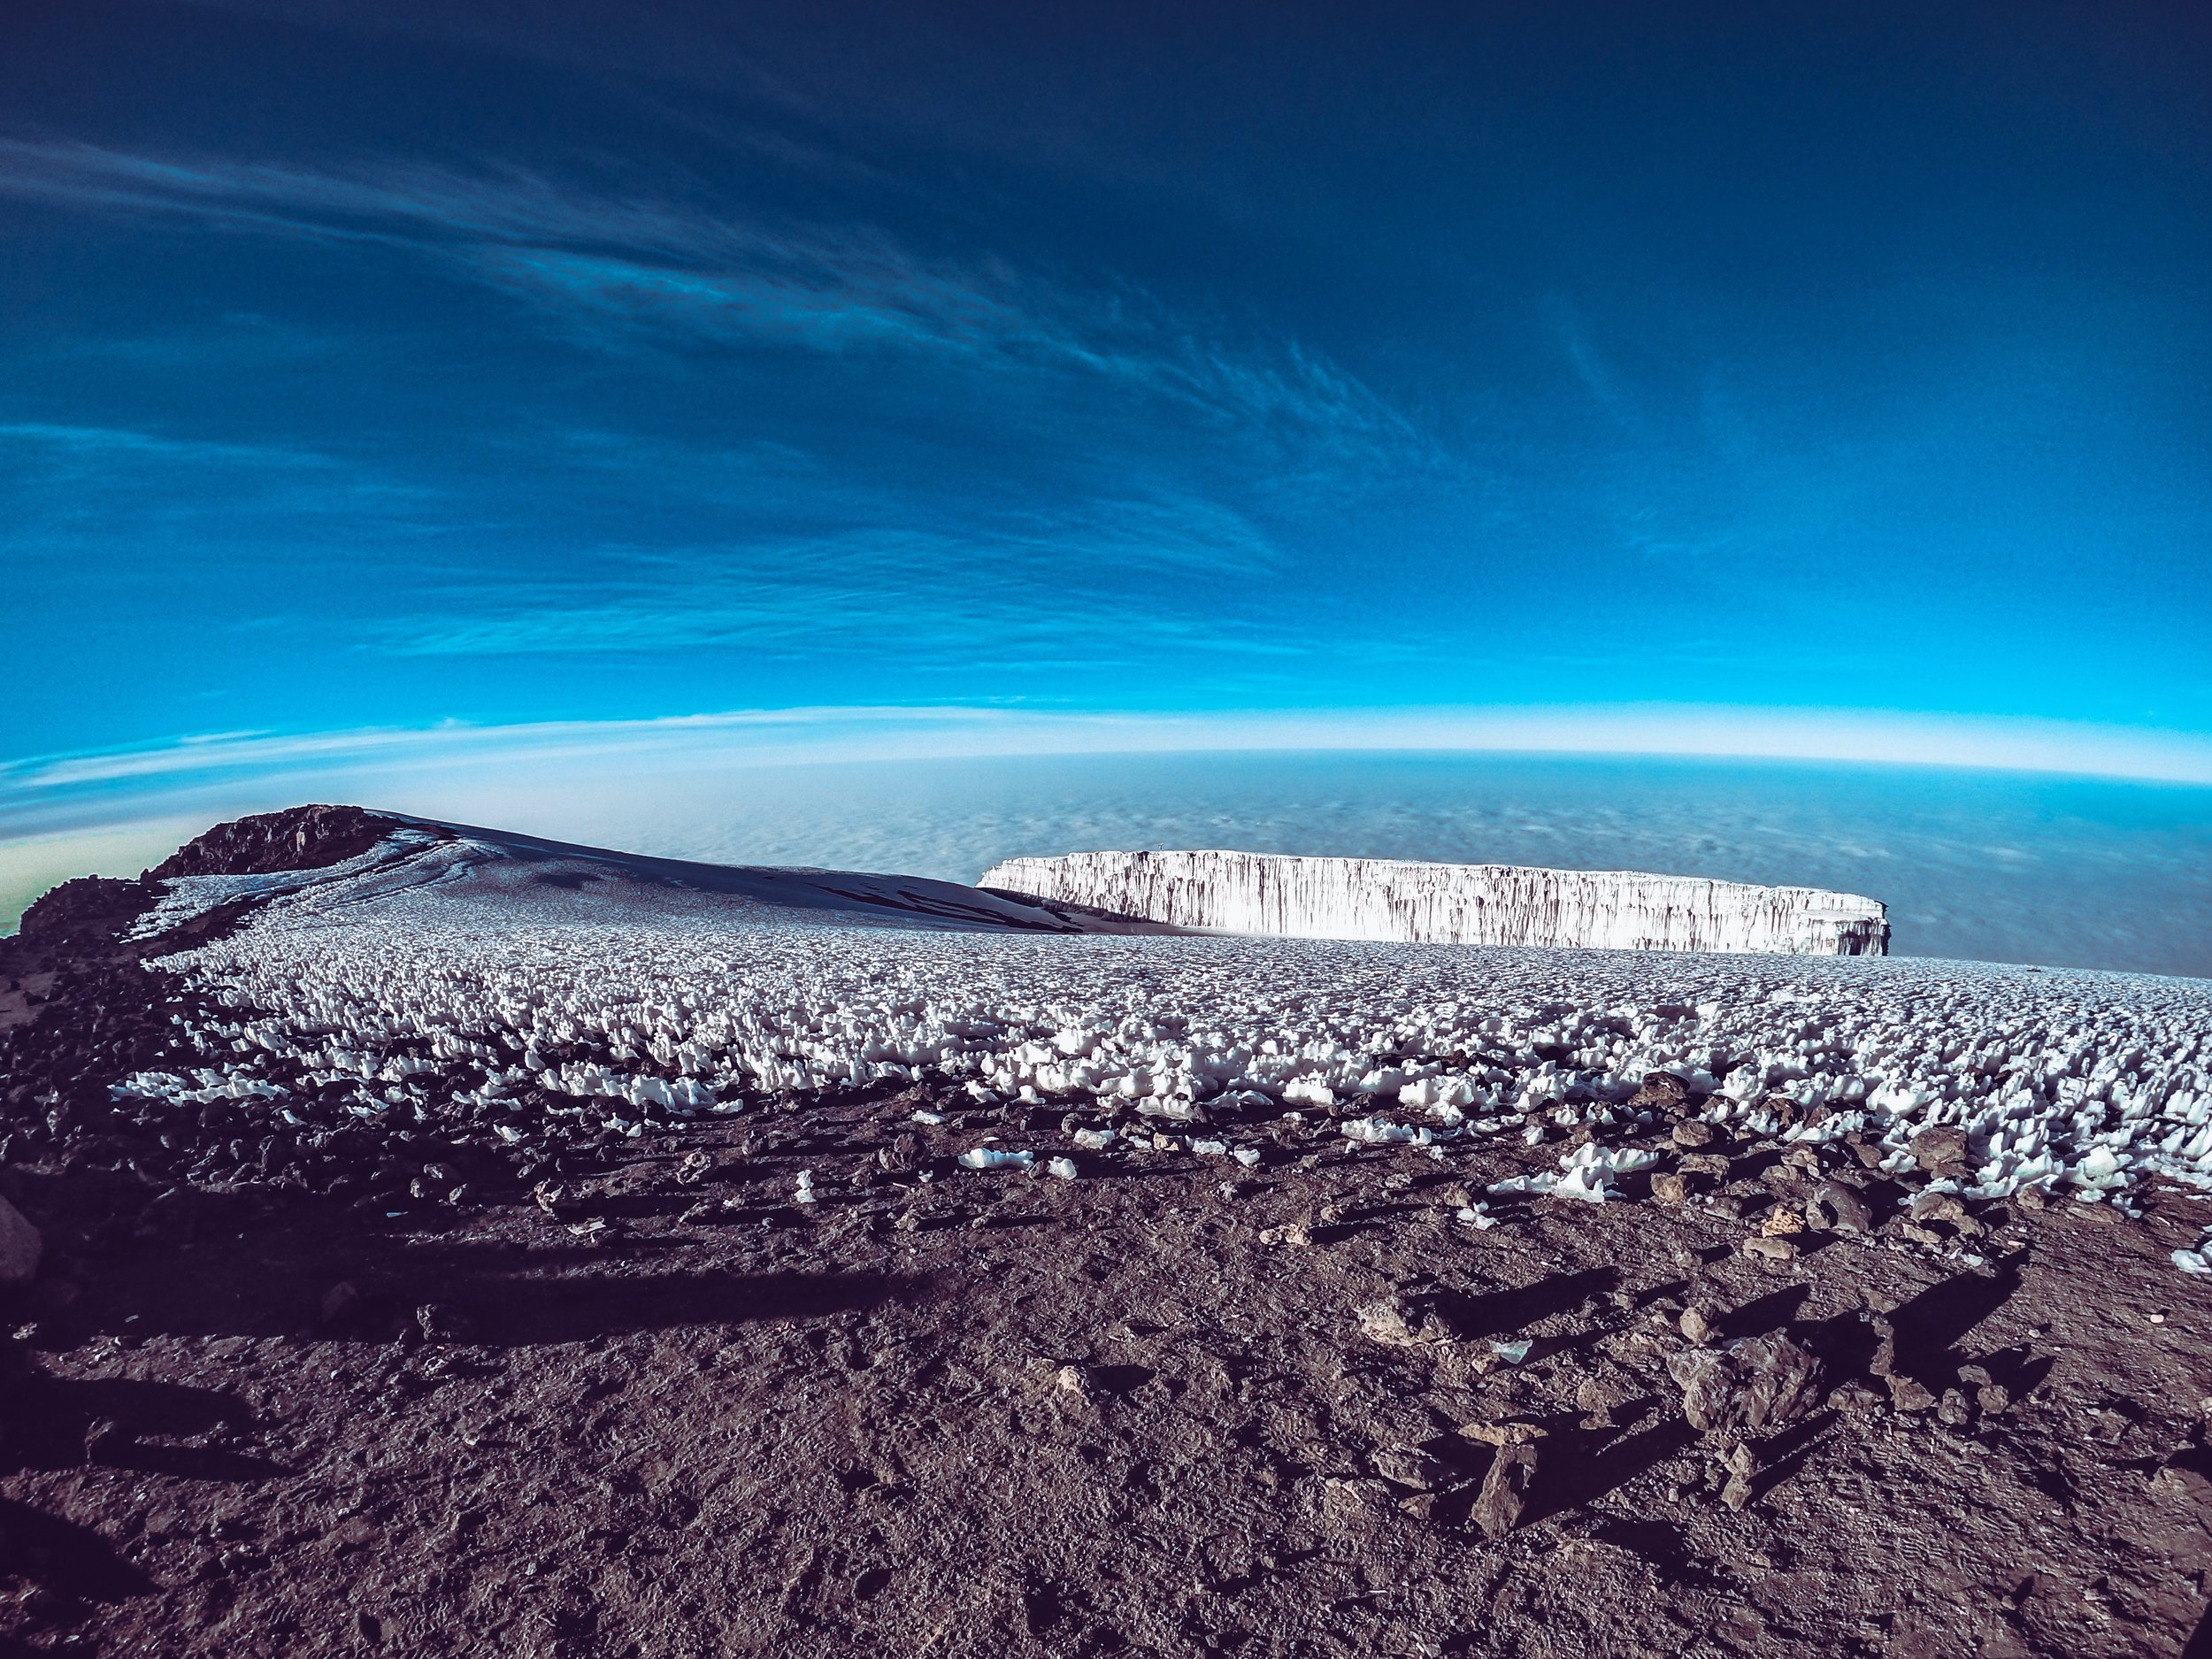 Uhuru Peak_Kili_unsplash.jpg